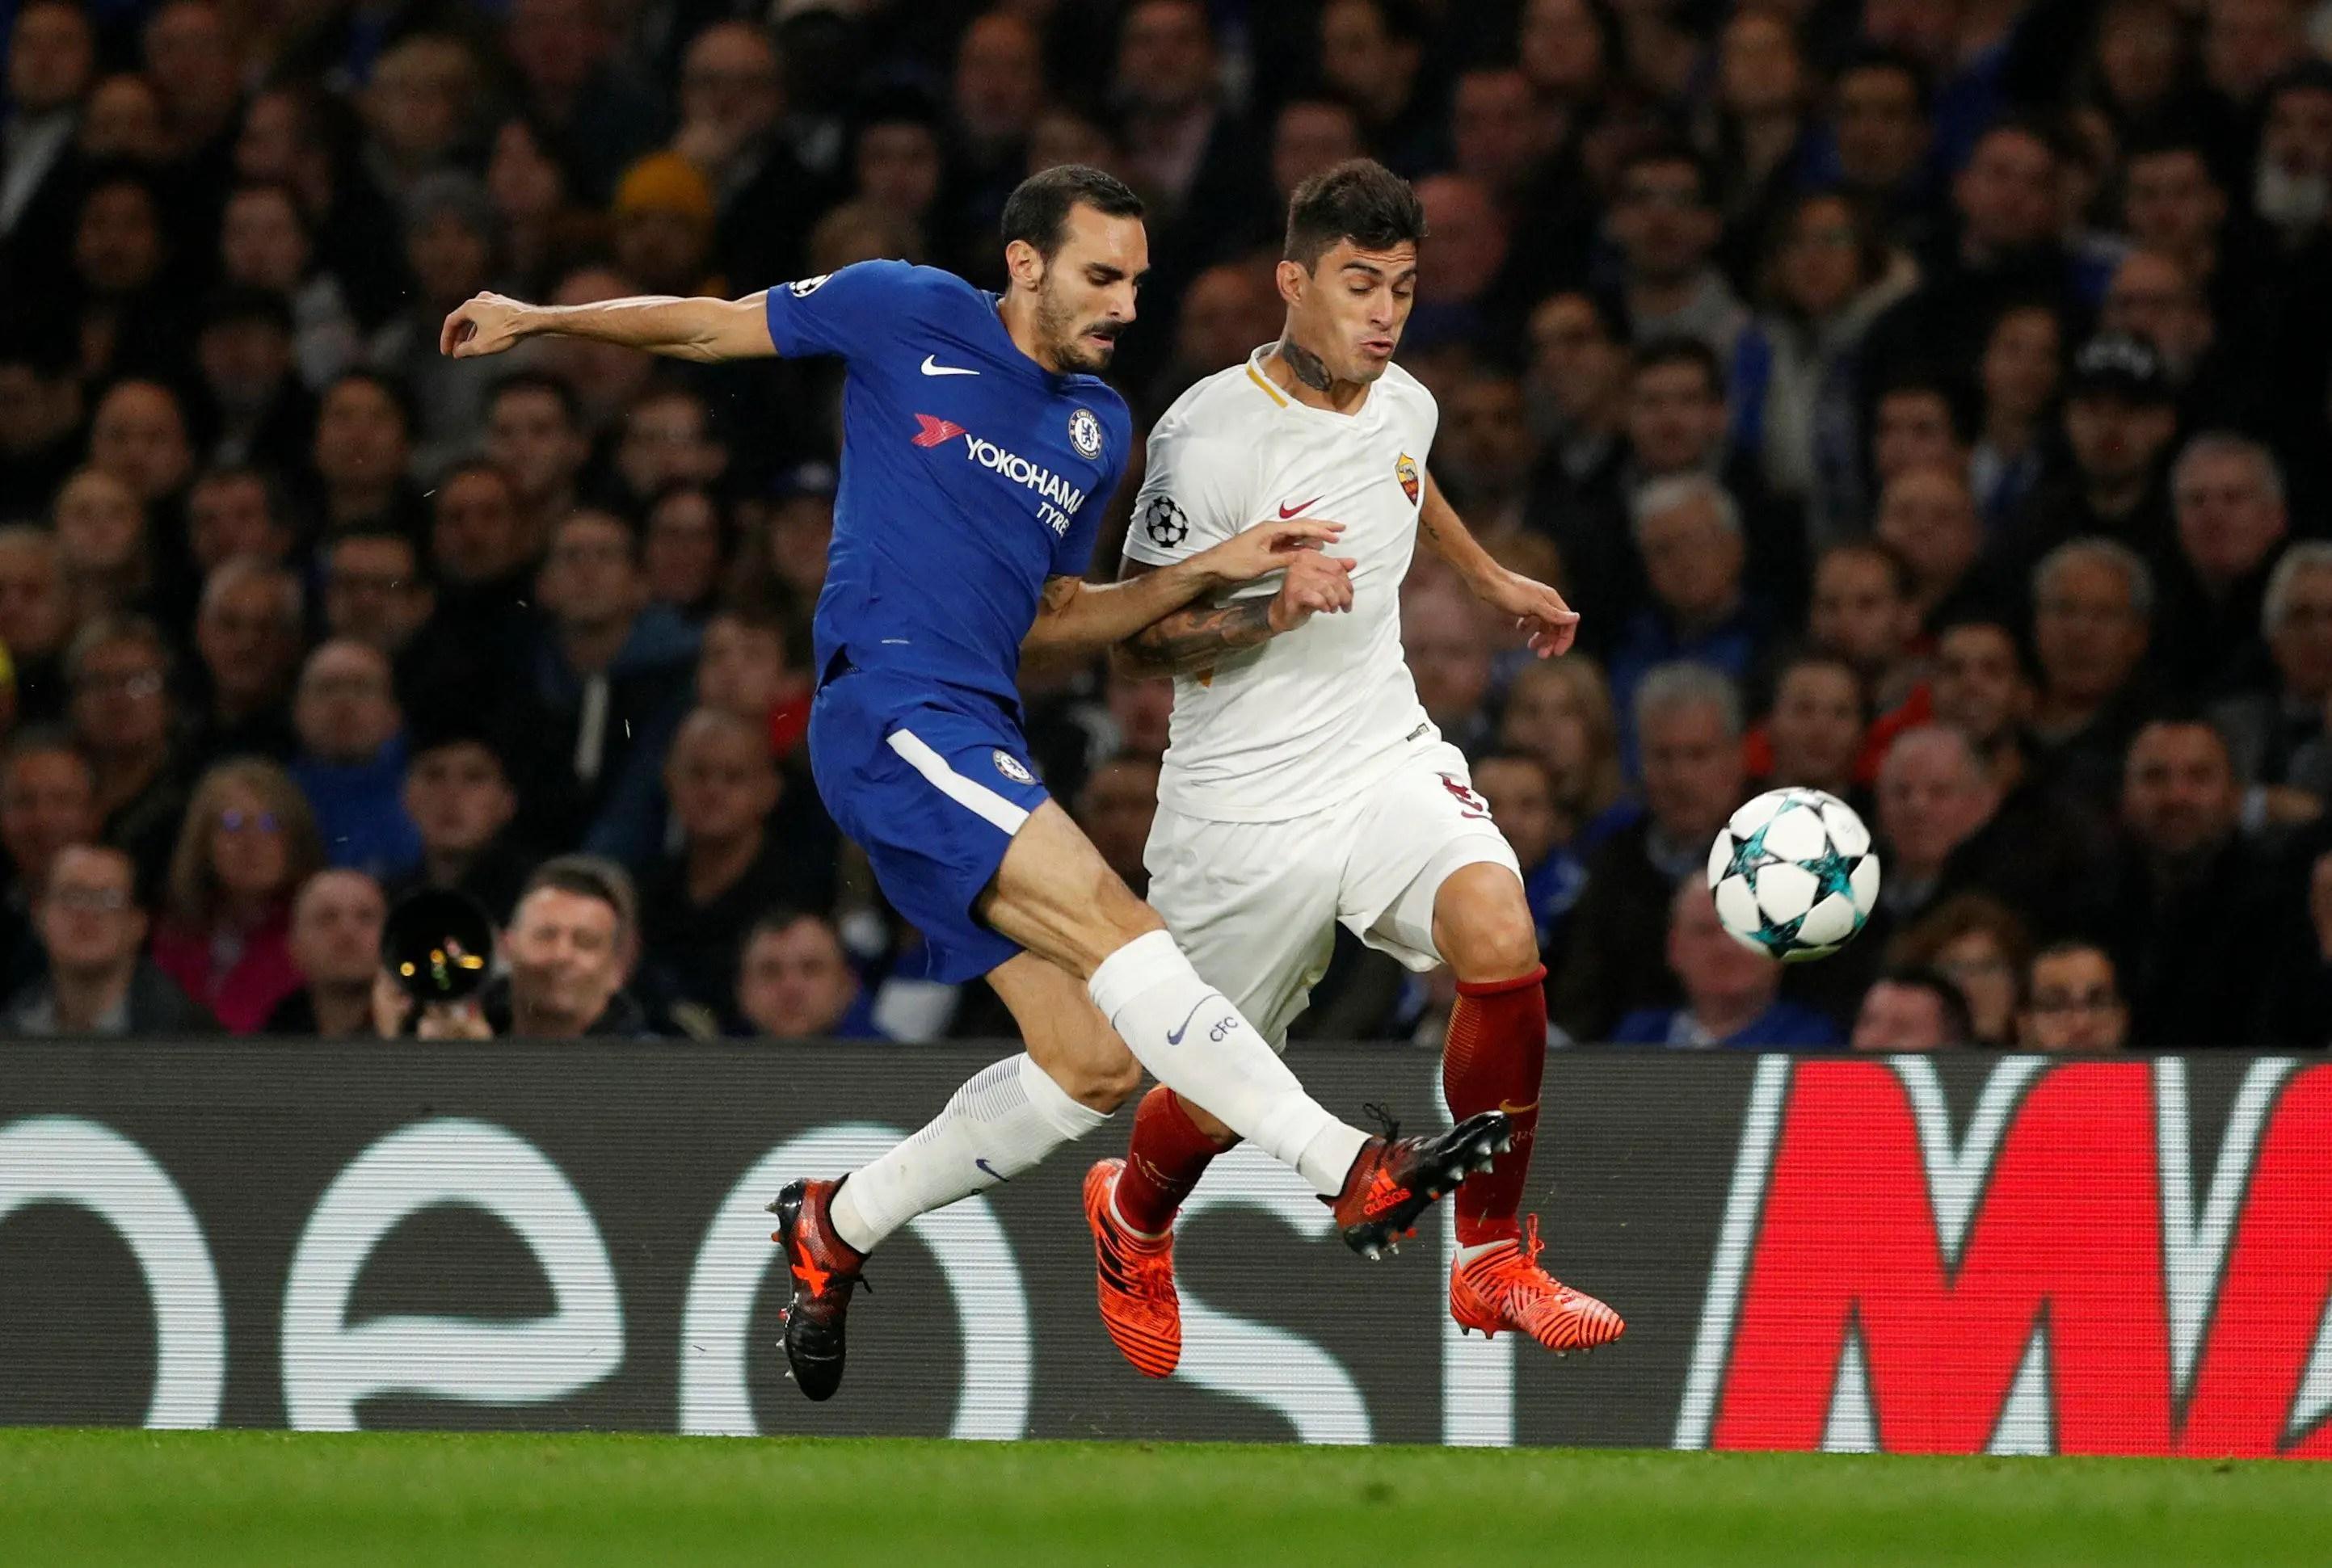 Chelsea Demand Big Money For Zappacosta